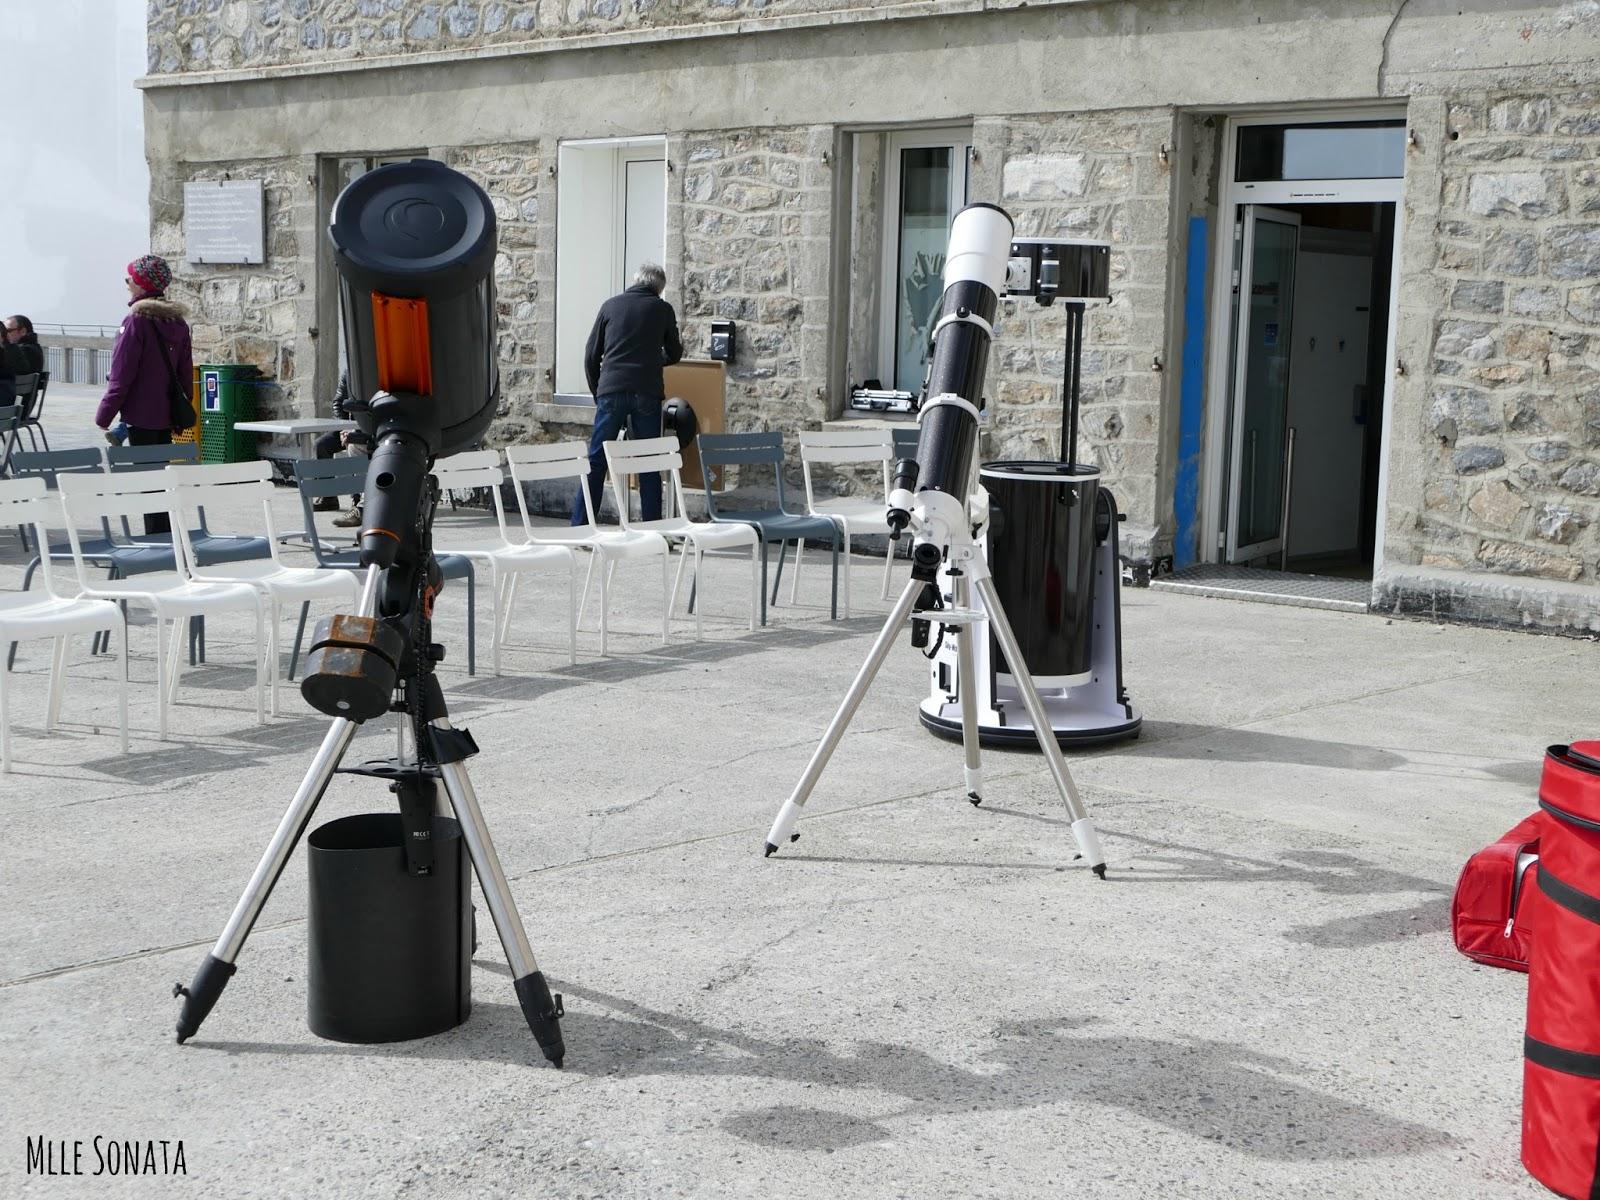 Lunettes astronomique et télescopes